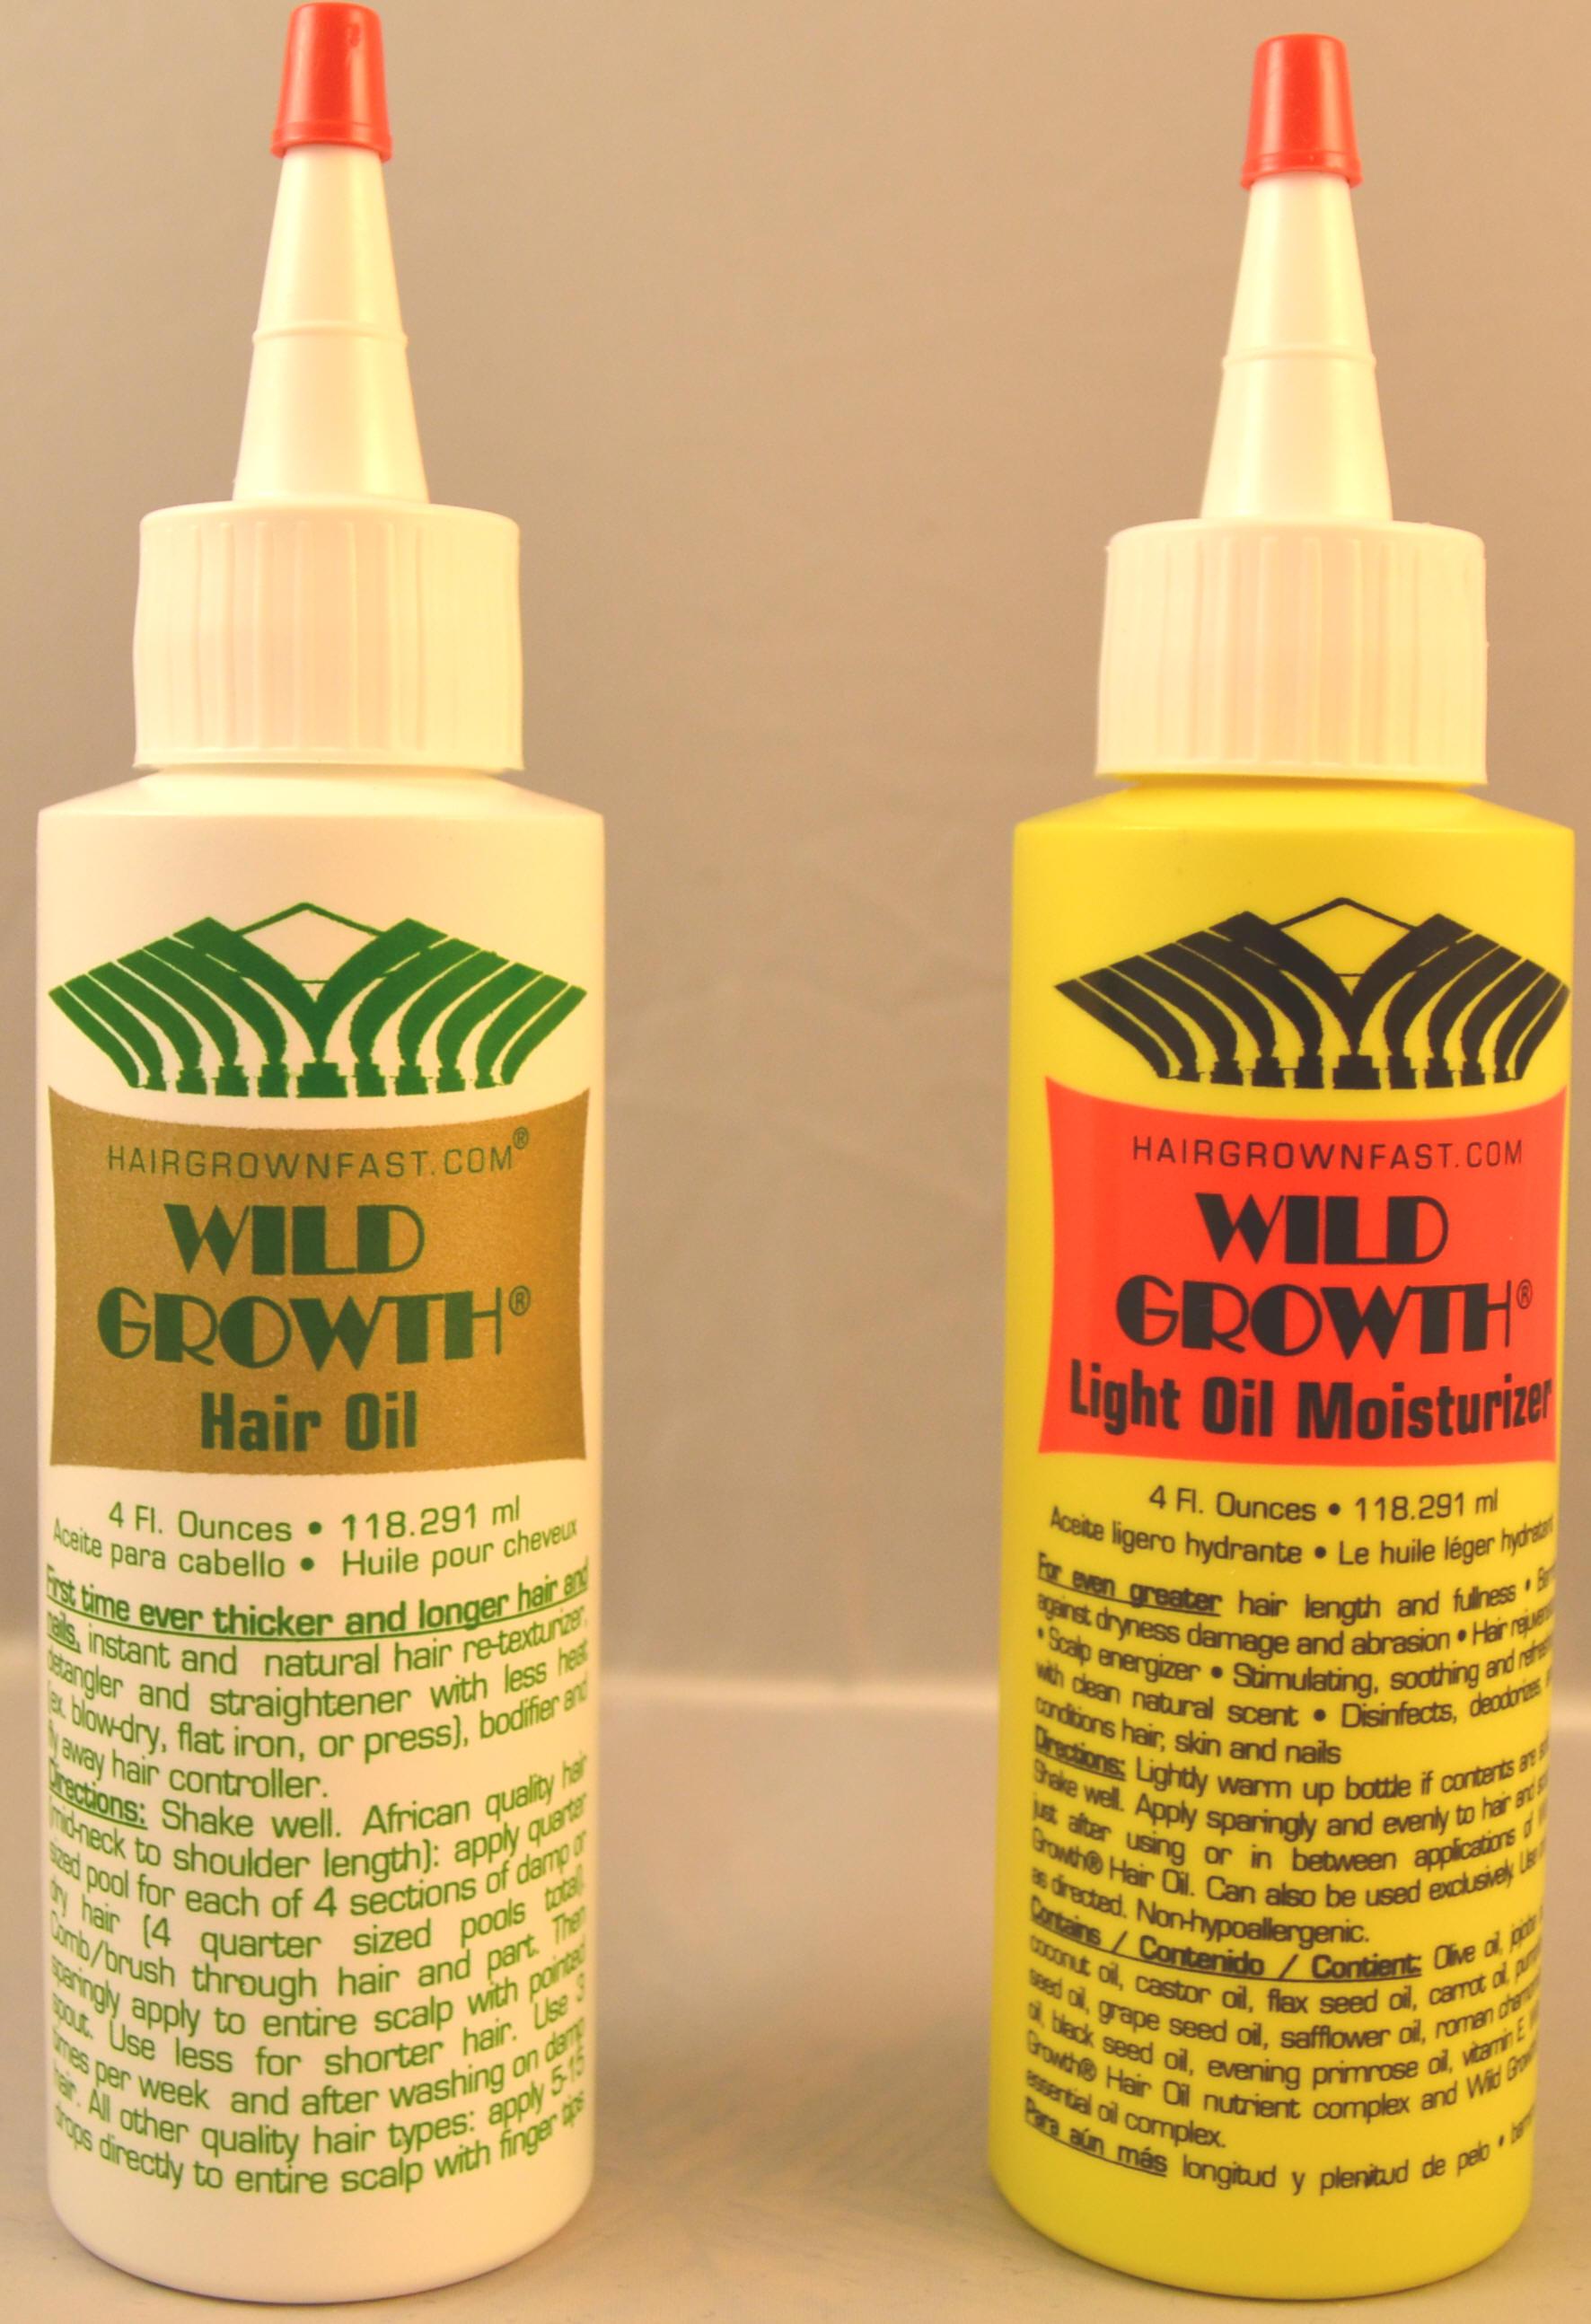 High Resolution Wild Growth bottles 081913.JPG.